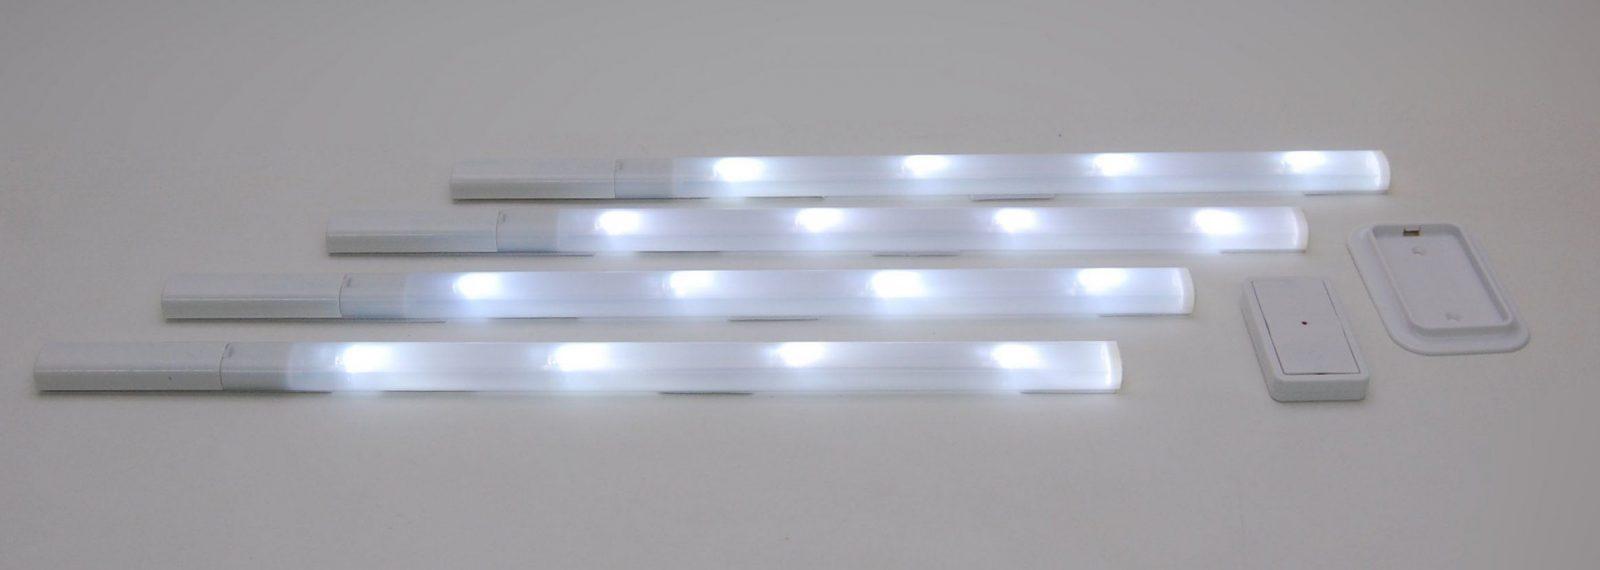 Led Treppenbeleuchtung Mit Bewegungsmelder Möbelideen Ideen von Treppenbeleuchtung Led Mit Bewegungsmelder Bild